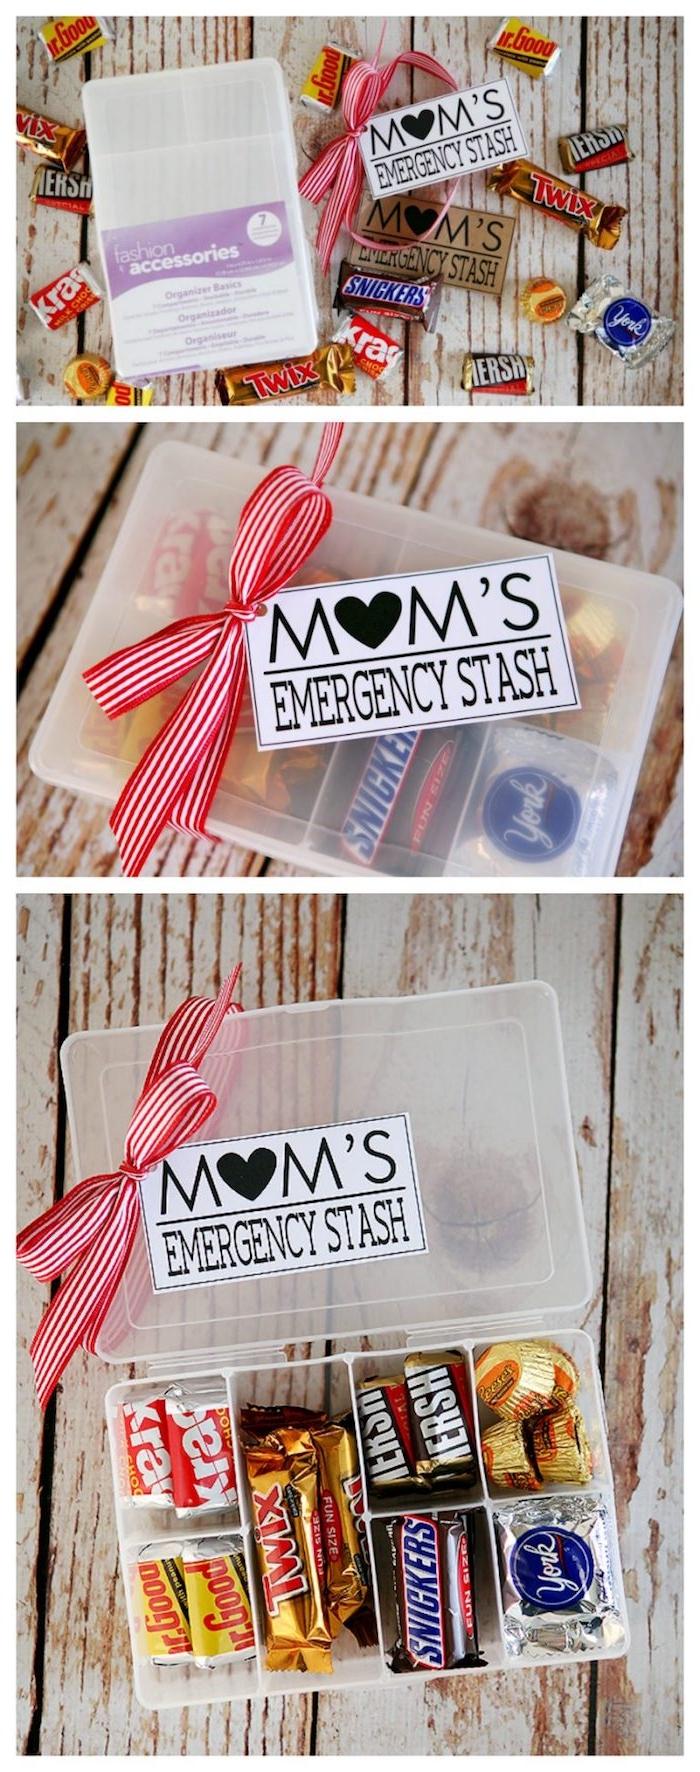 une boite en plastique avec différents compartiments remplis de gourmandises, decoration ruban, idee cadeau fete des meres